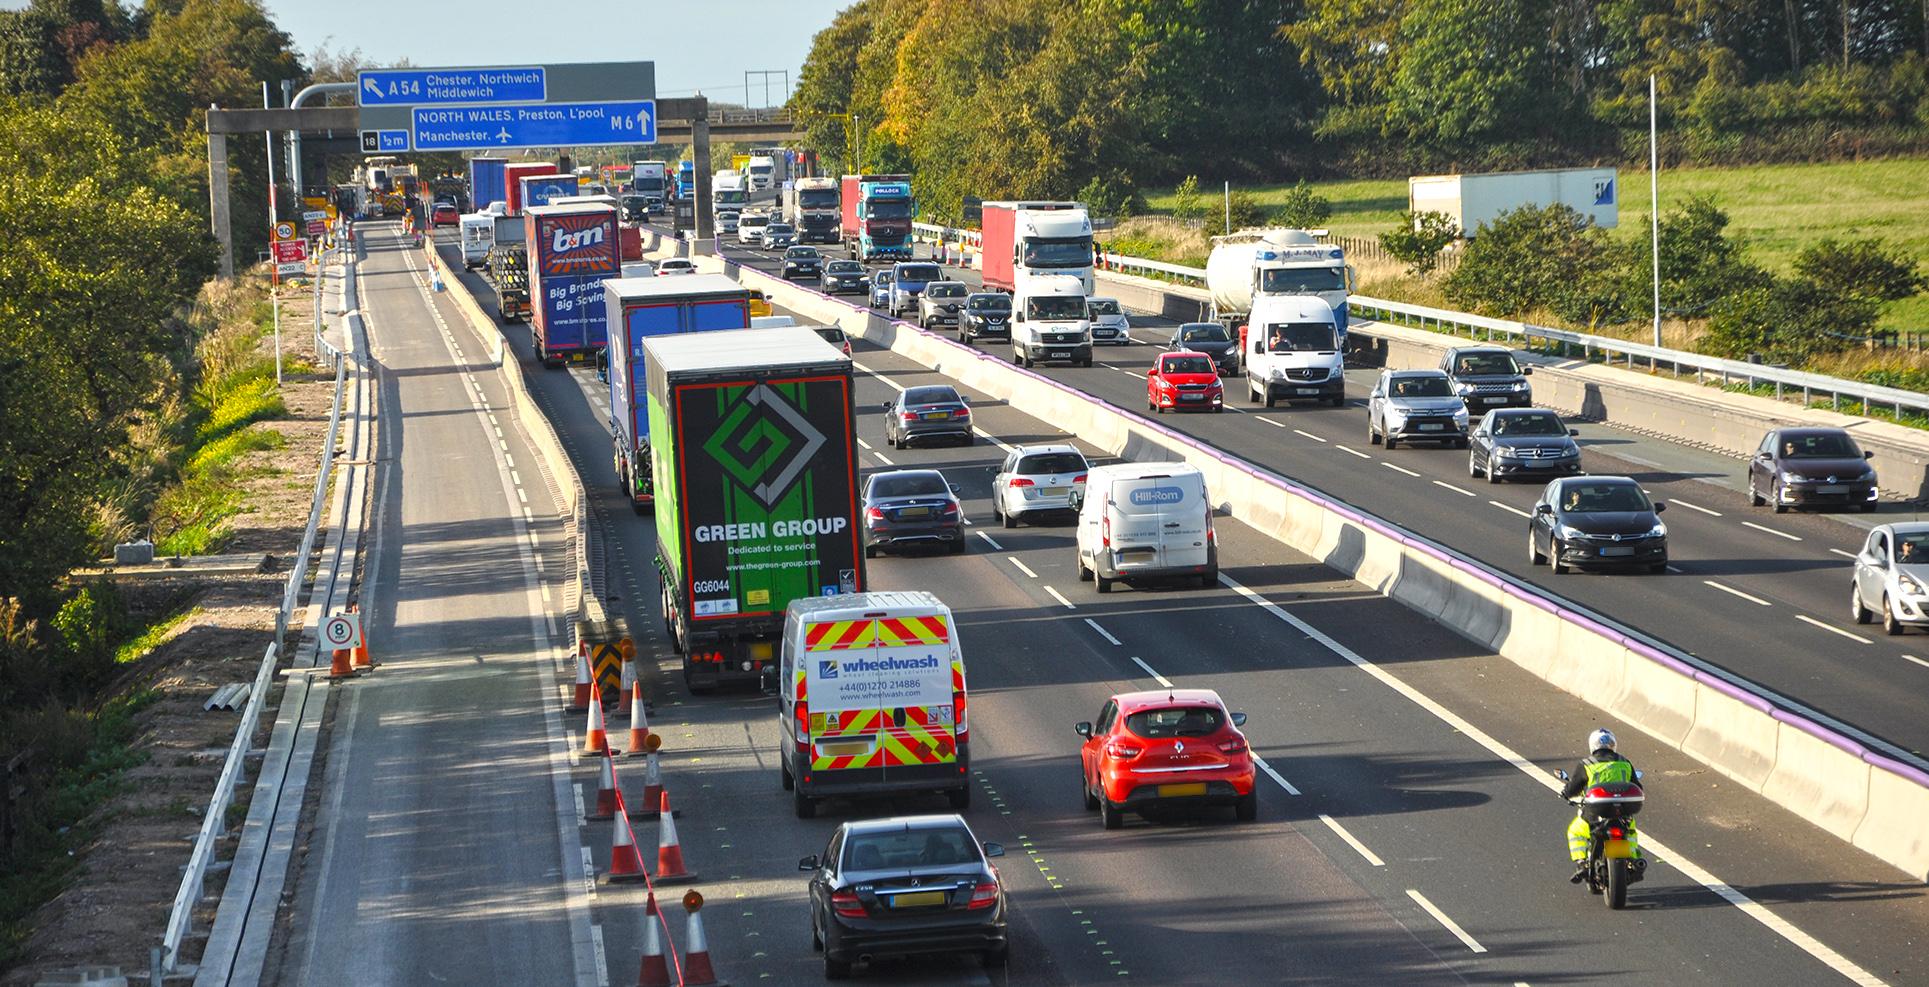 Road Transport Hub - Safety UK LCV HGV traffic levels statistics motorways